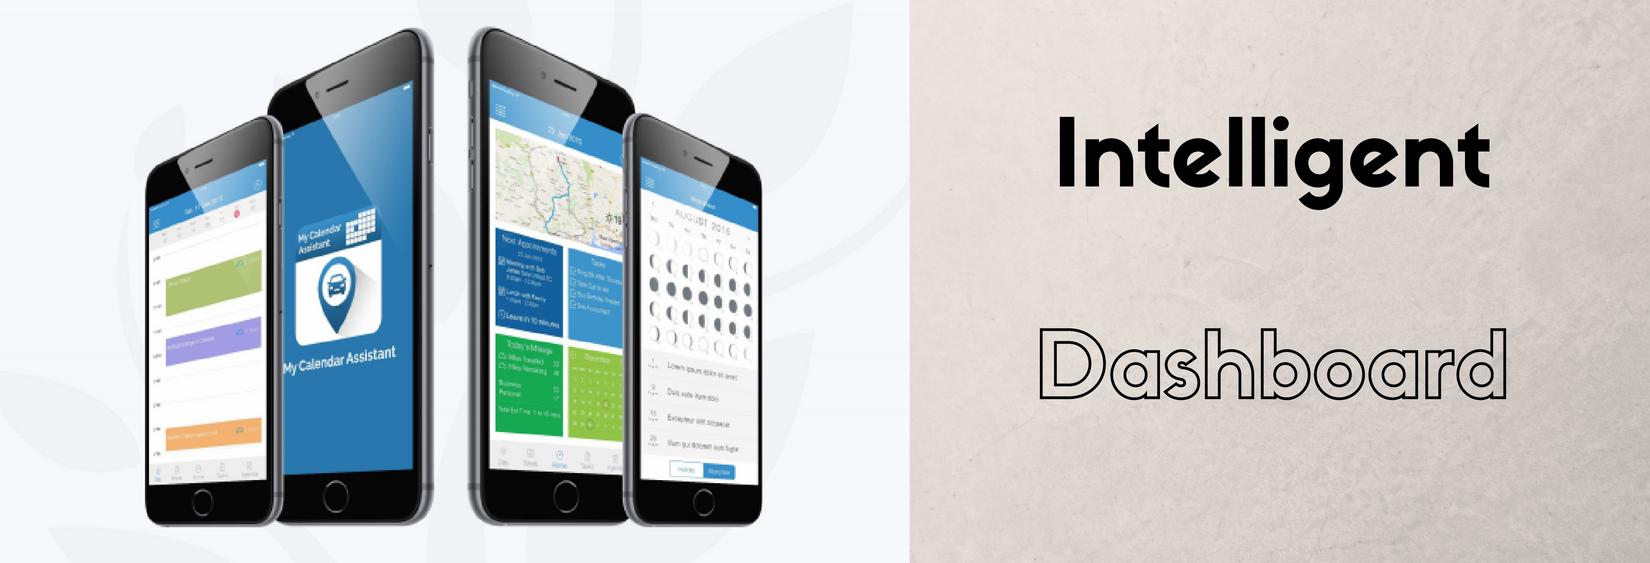 Designing ux for intelligent dashboard Building designing app